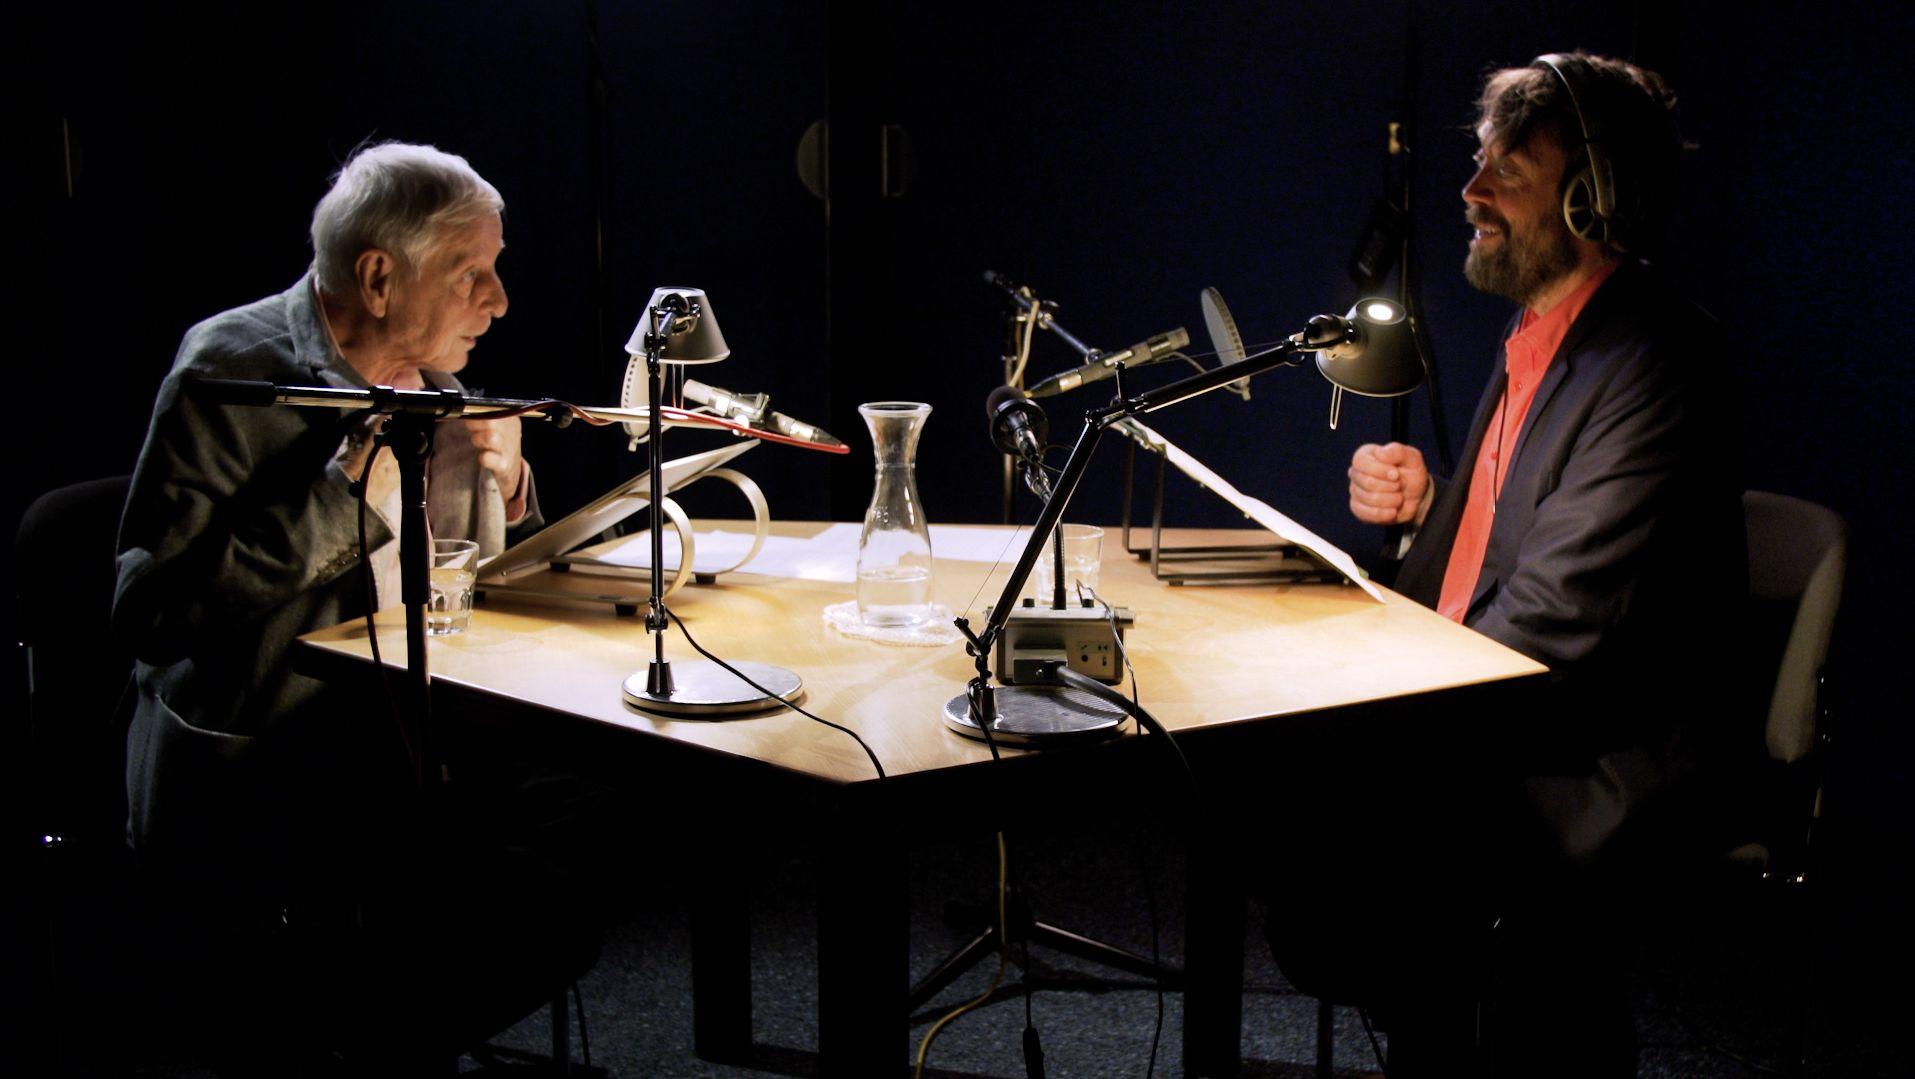 """Hans Magnus Enzensberger und Knut Cordsen bei den Aufnahmen zu """"Heureka!"""""""